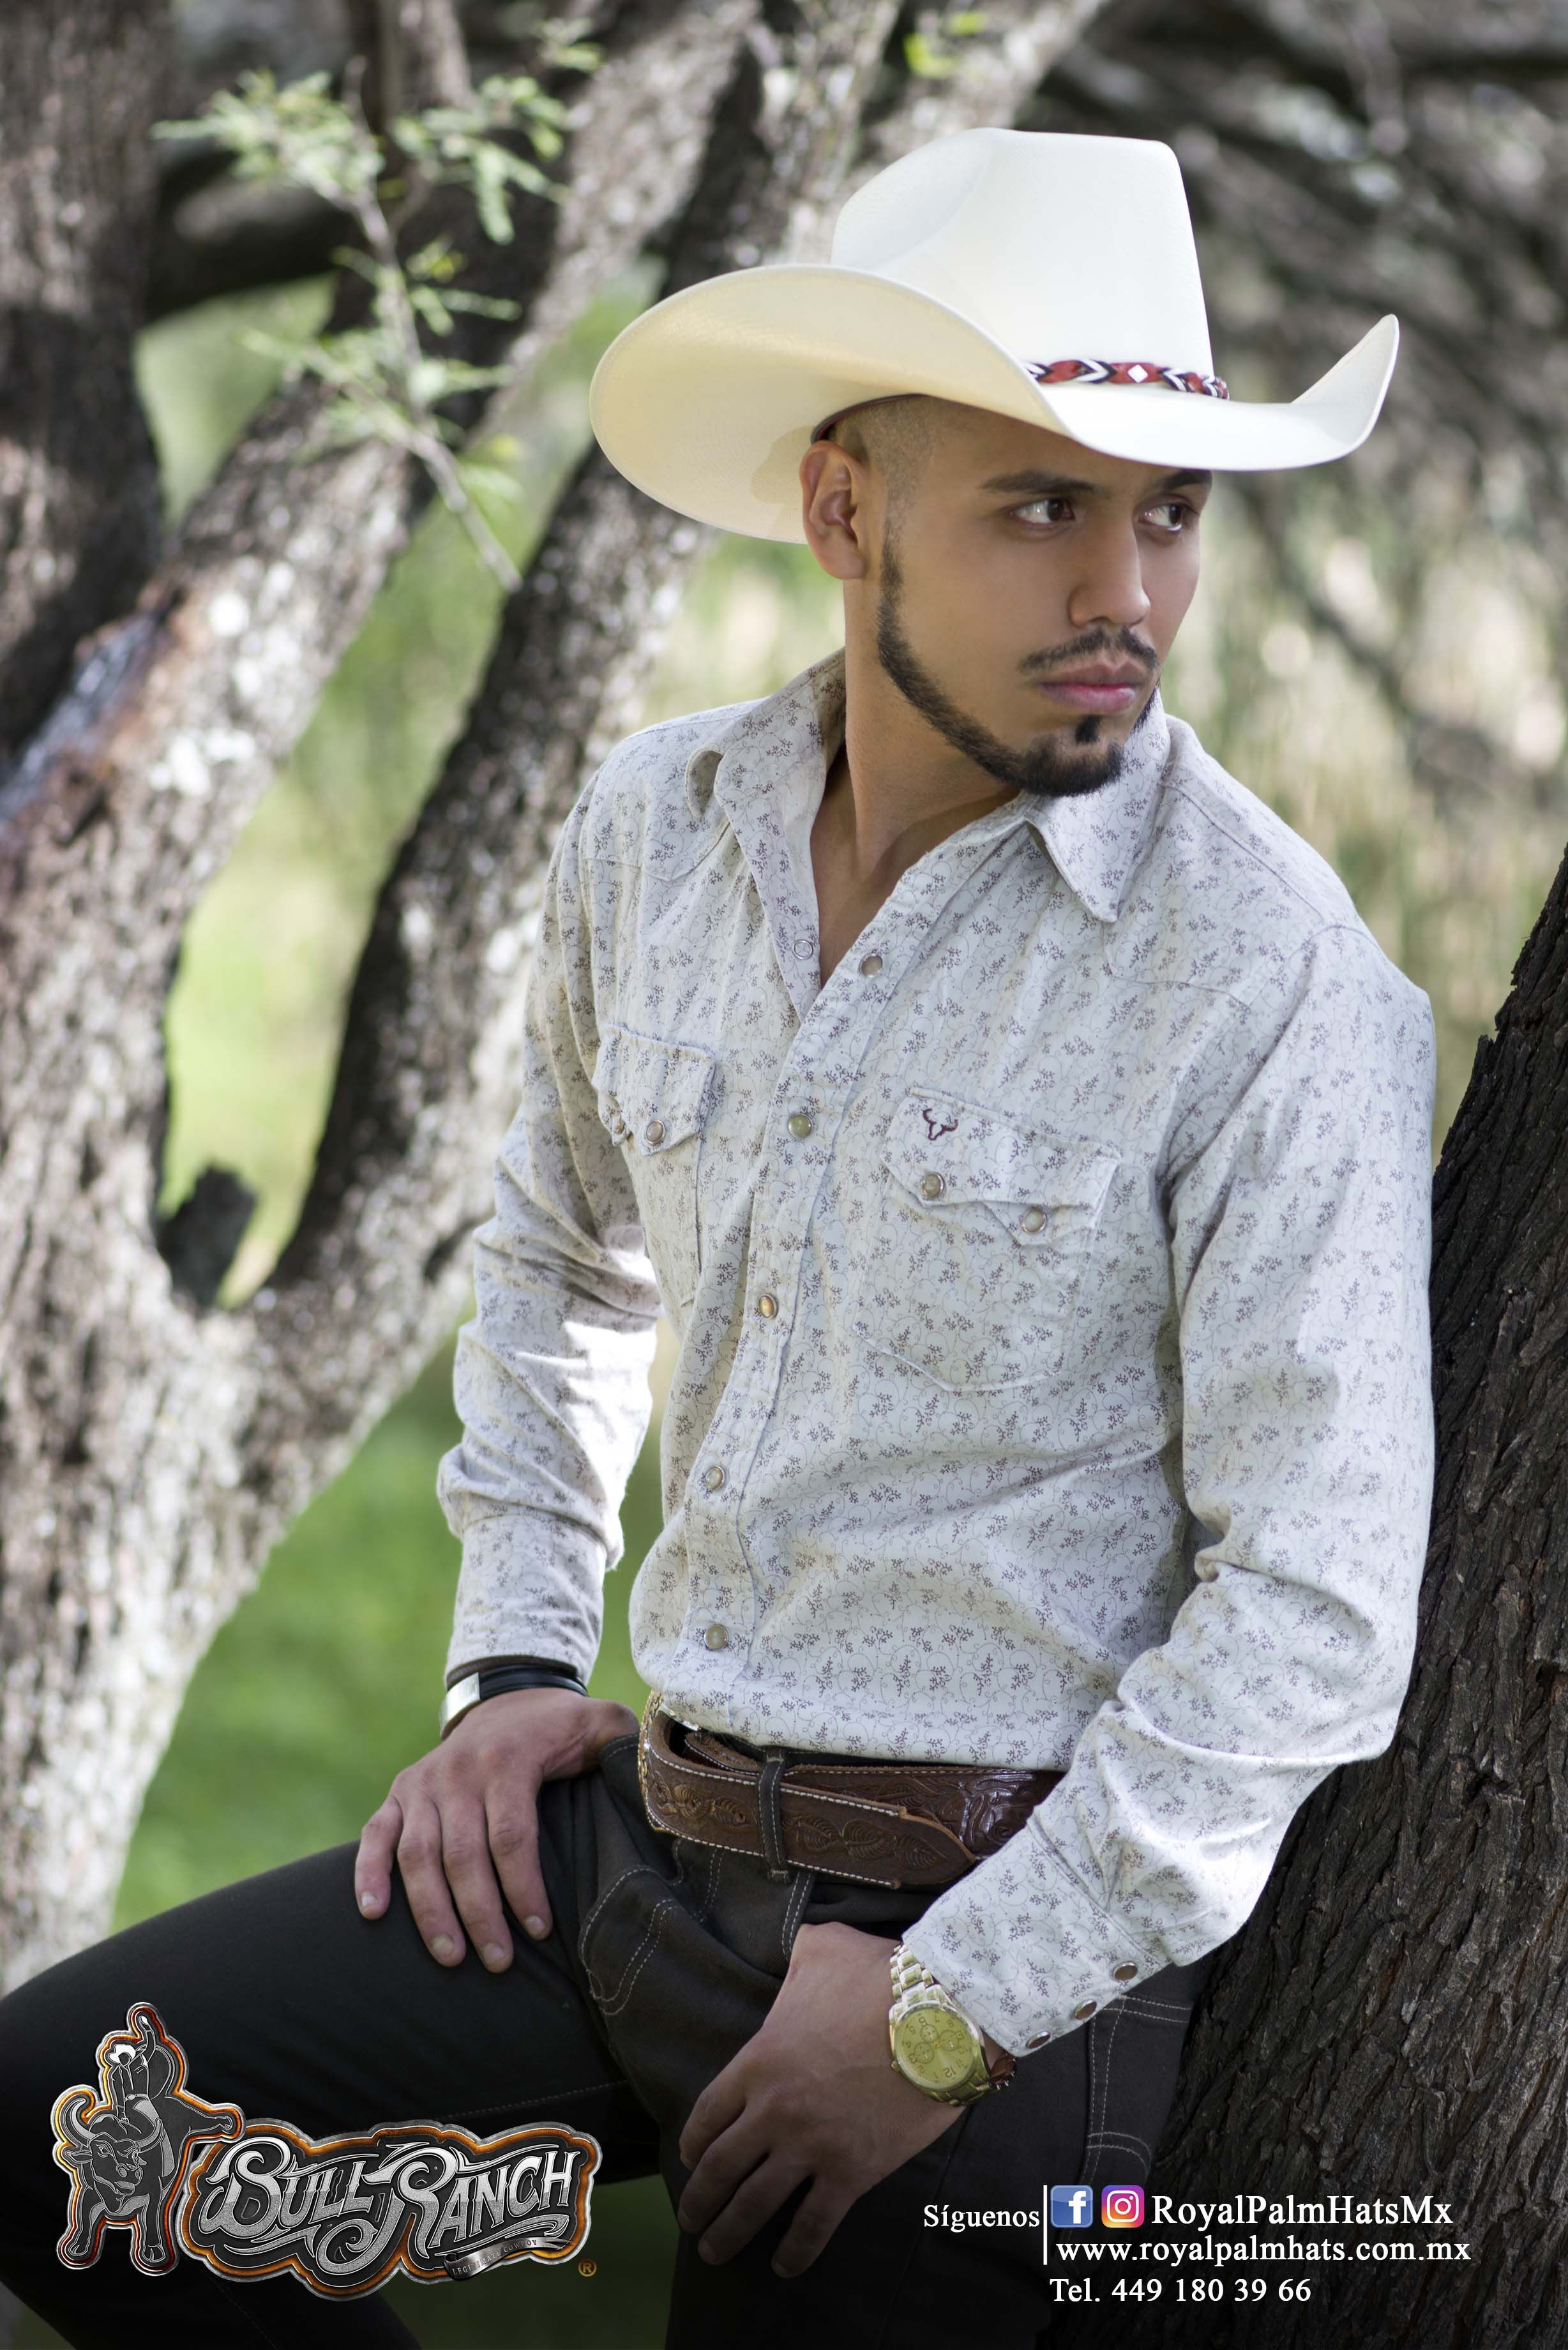 Vaquero  Sombrero  Ranchero  Estilo  Outfit  Gallos  Banda  Rancho  Rodeo   Toro  MujeresVaueras  HombresVaqueros  Semental  Palma  Corral  Ervillas  ... 143c9e2d1f1